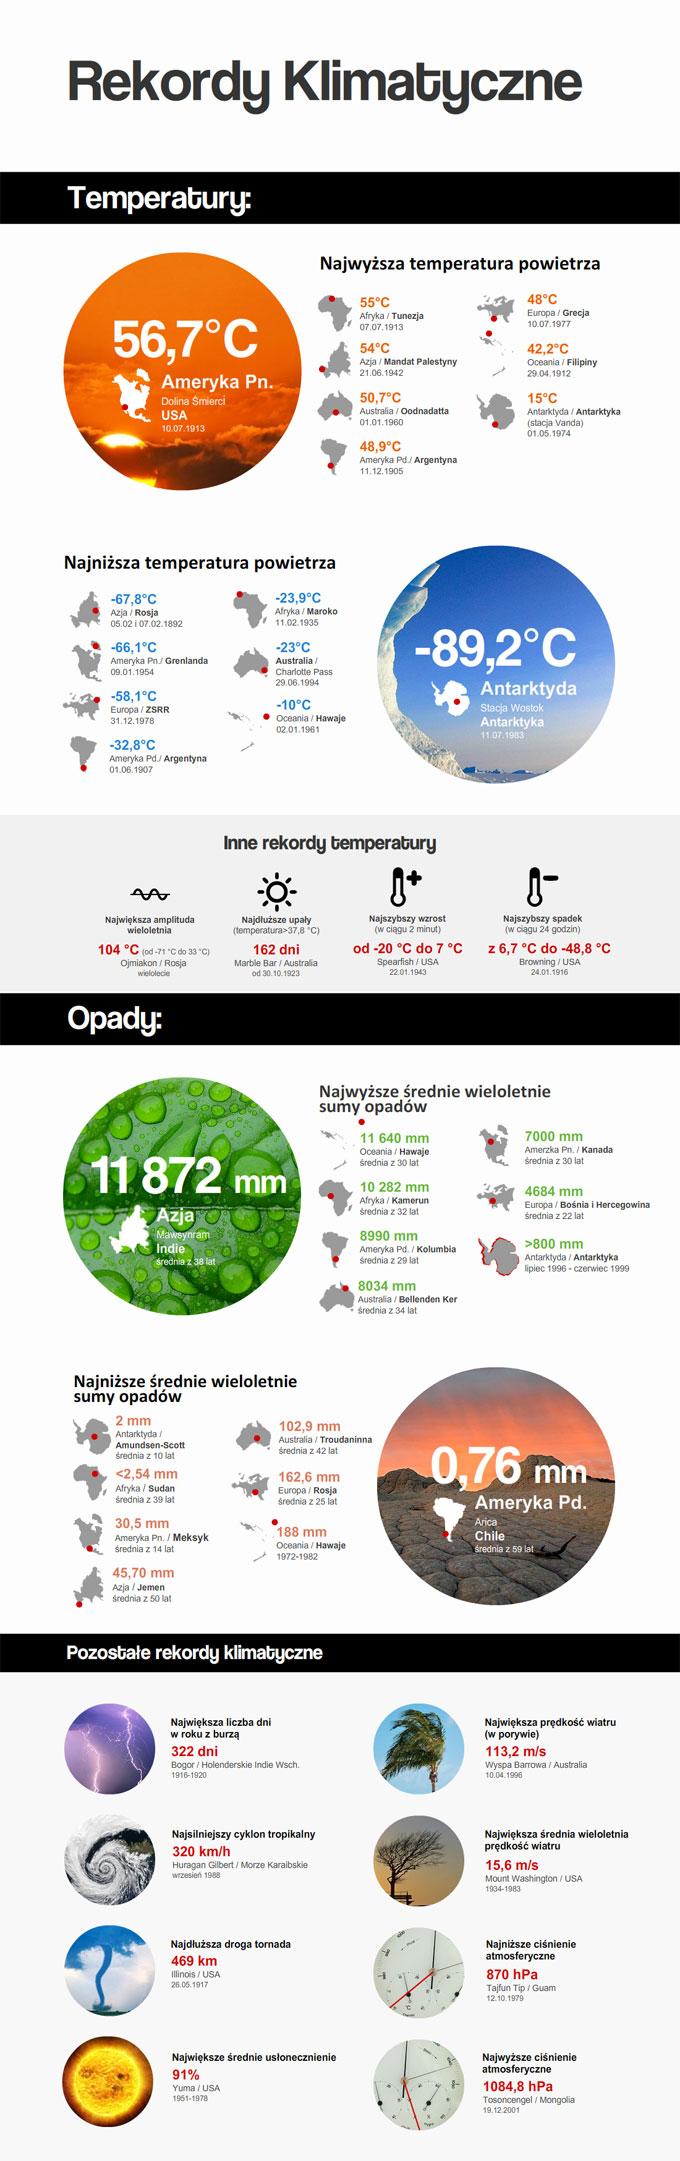 rekordy klimatyczne infografika